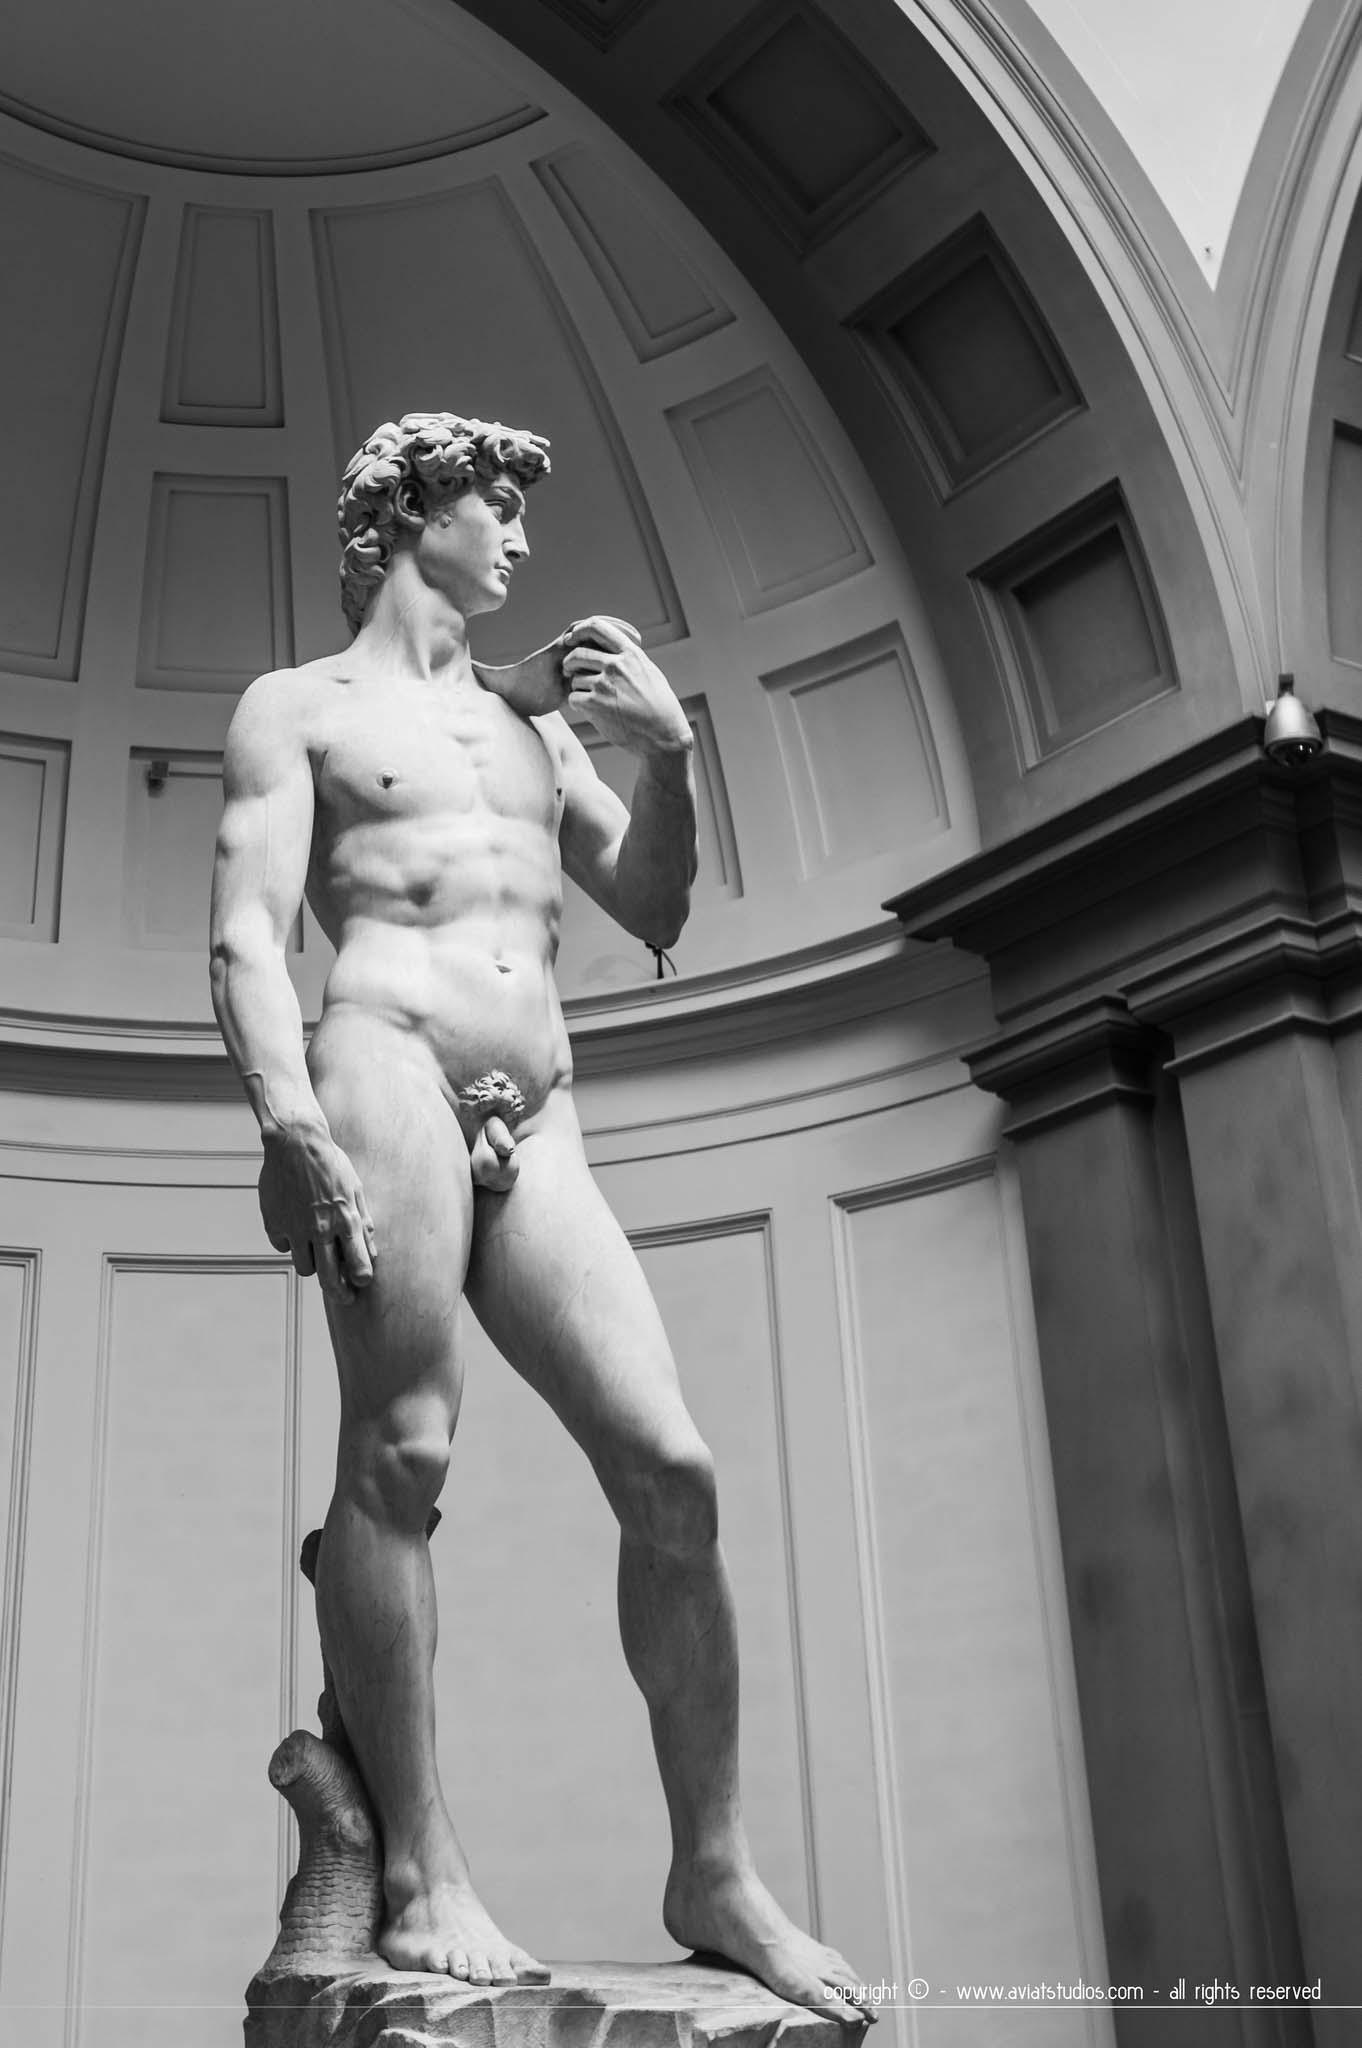 Un week-end à Florence - Le David de Michel Ange dans sa niche à la galerie de l'Académie